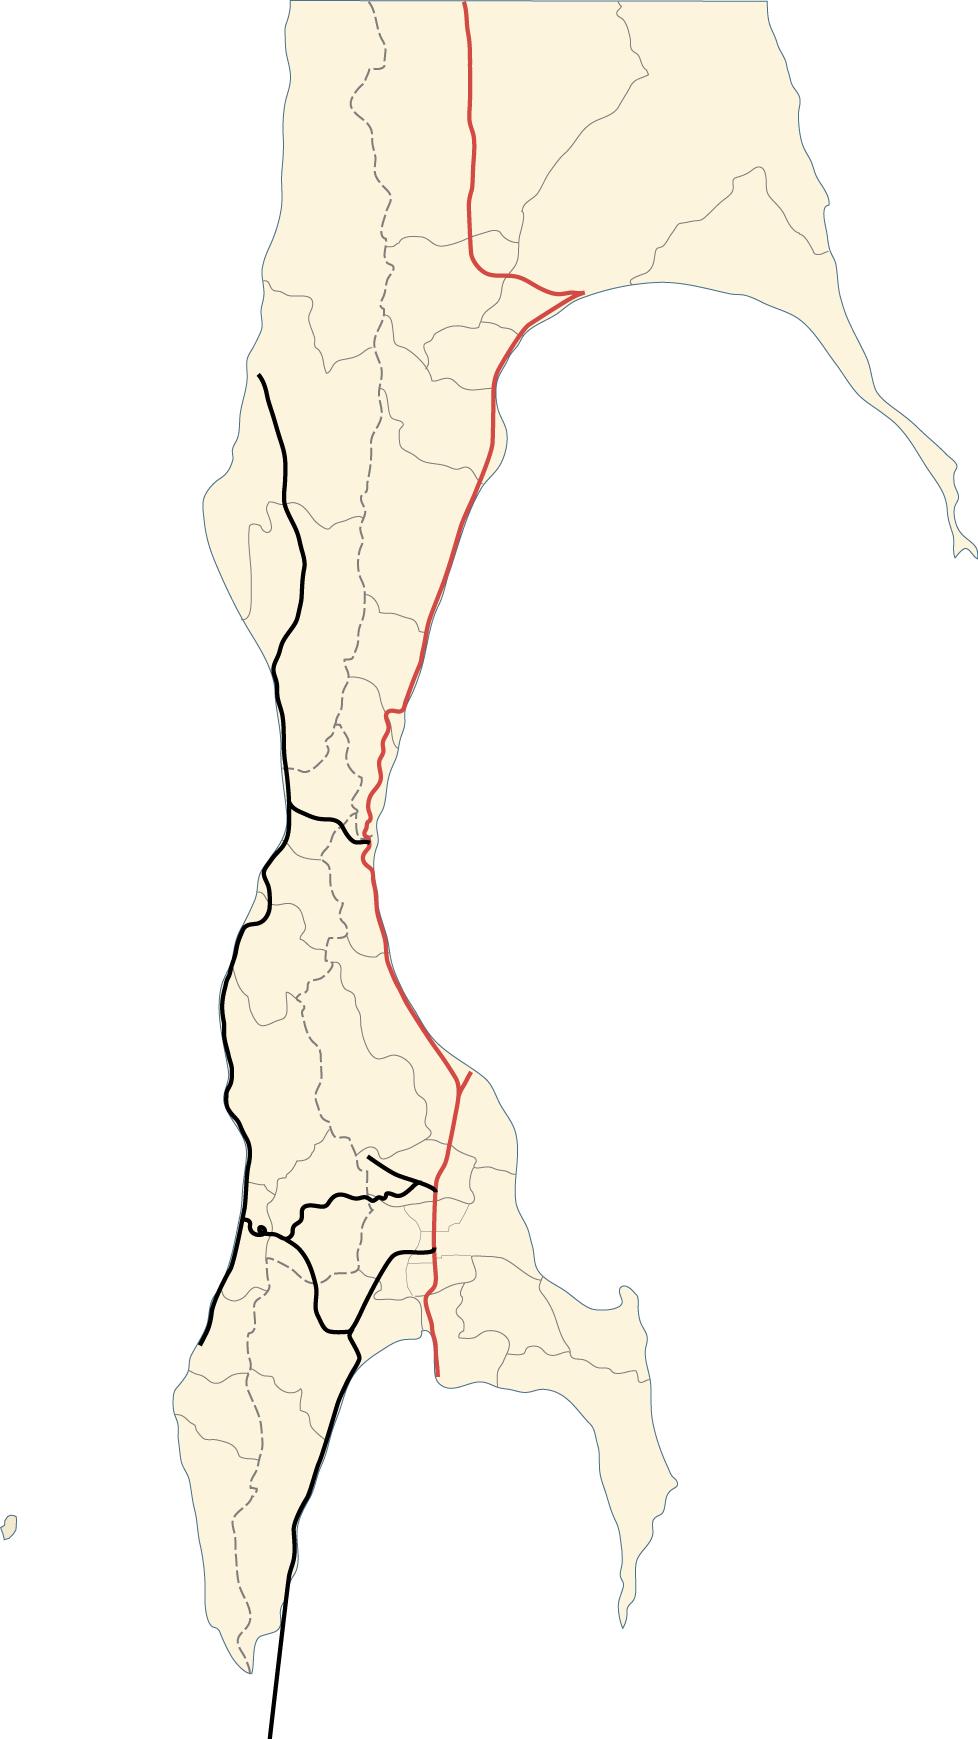 樺太東線 - JRK樺太旅客鉄道wiki